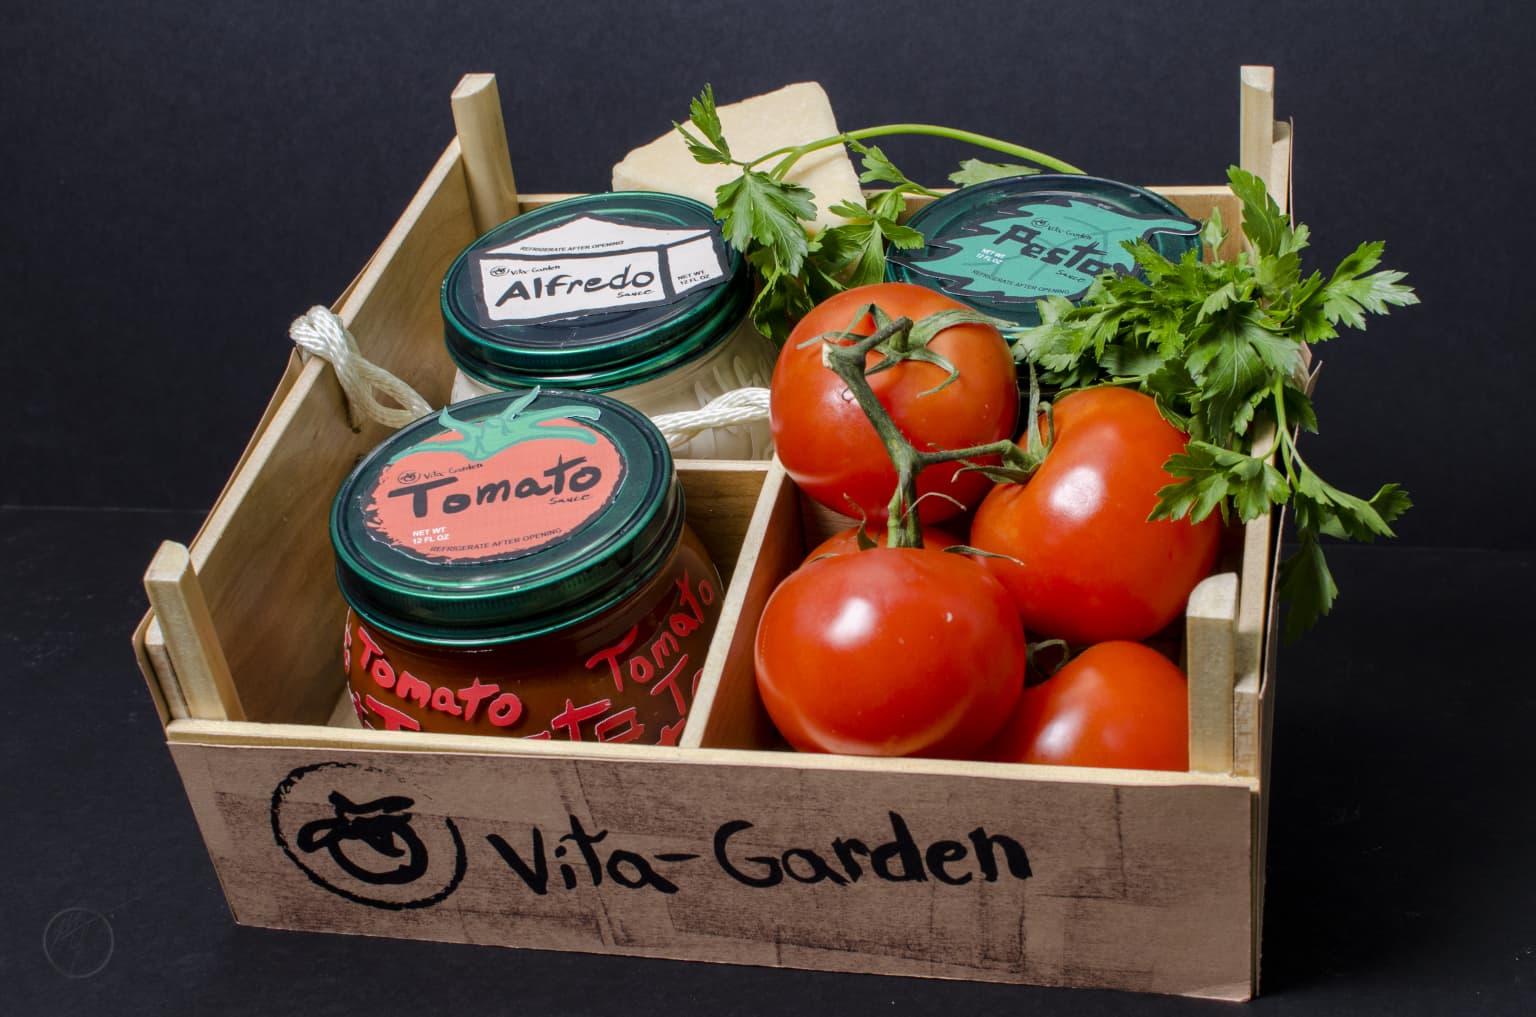 Vita-Garden Pasta Sauc